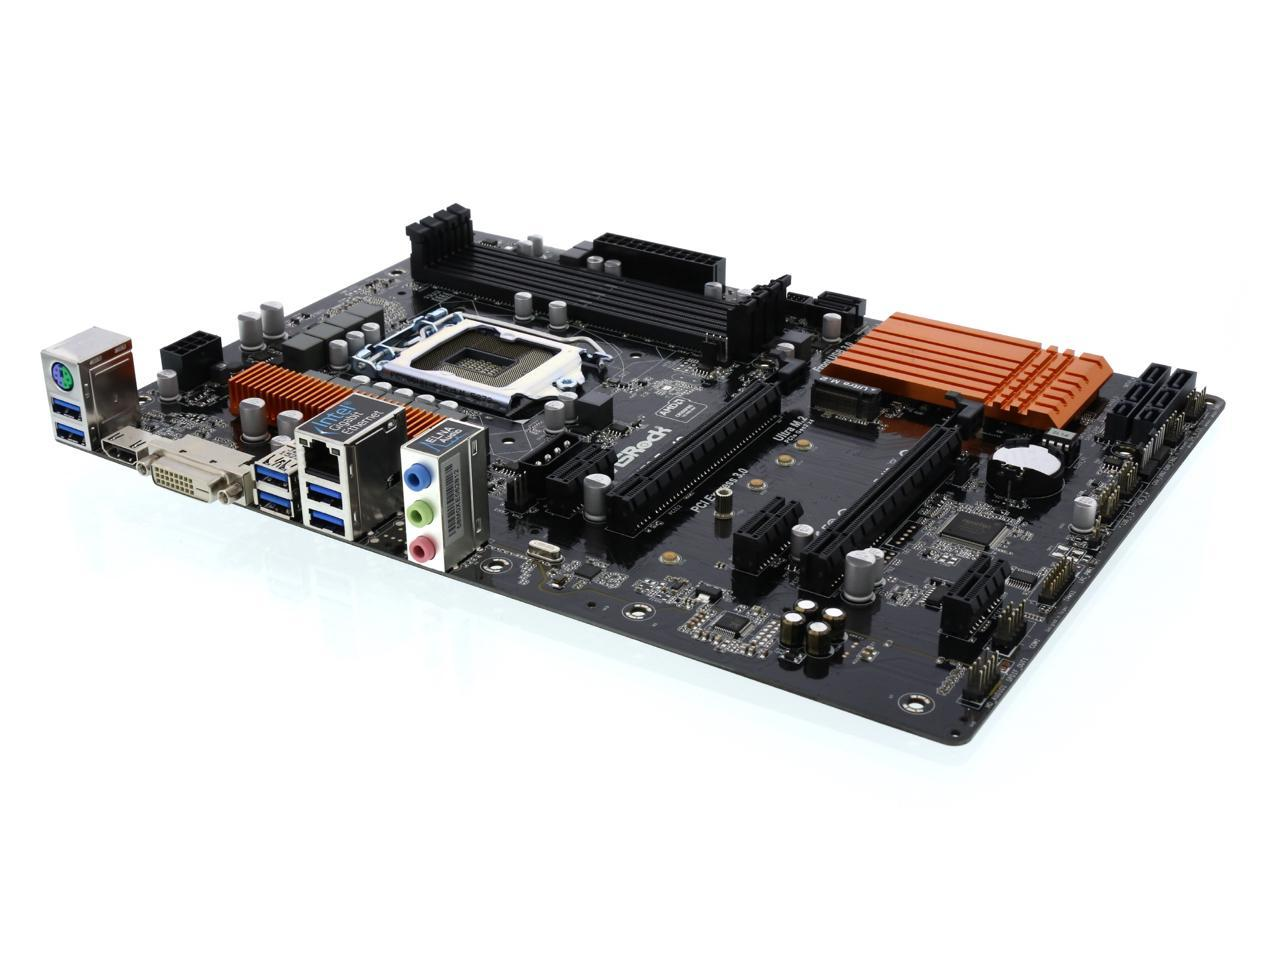 ASRock Z170 Pro4S LGA 1151 Intel Z170